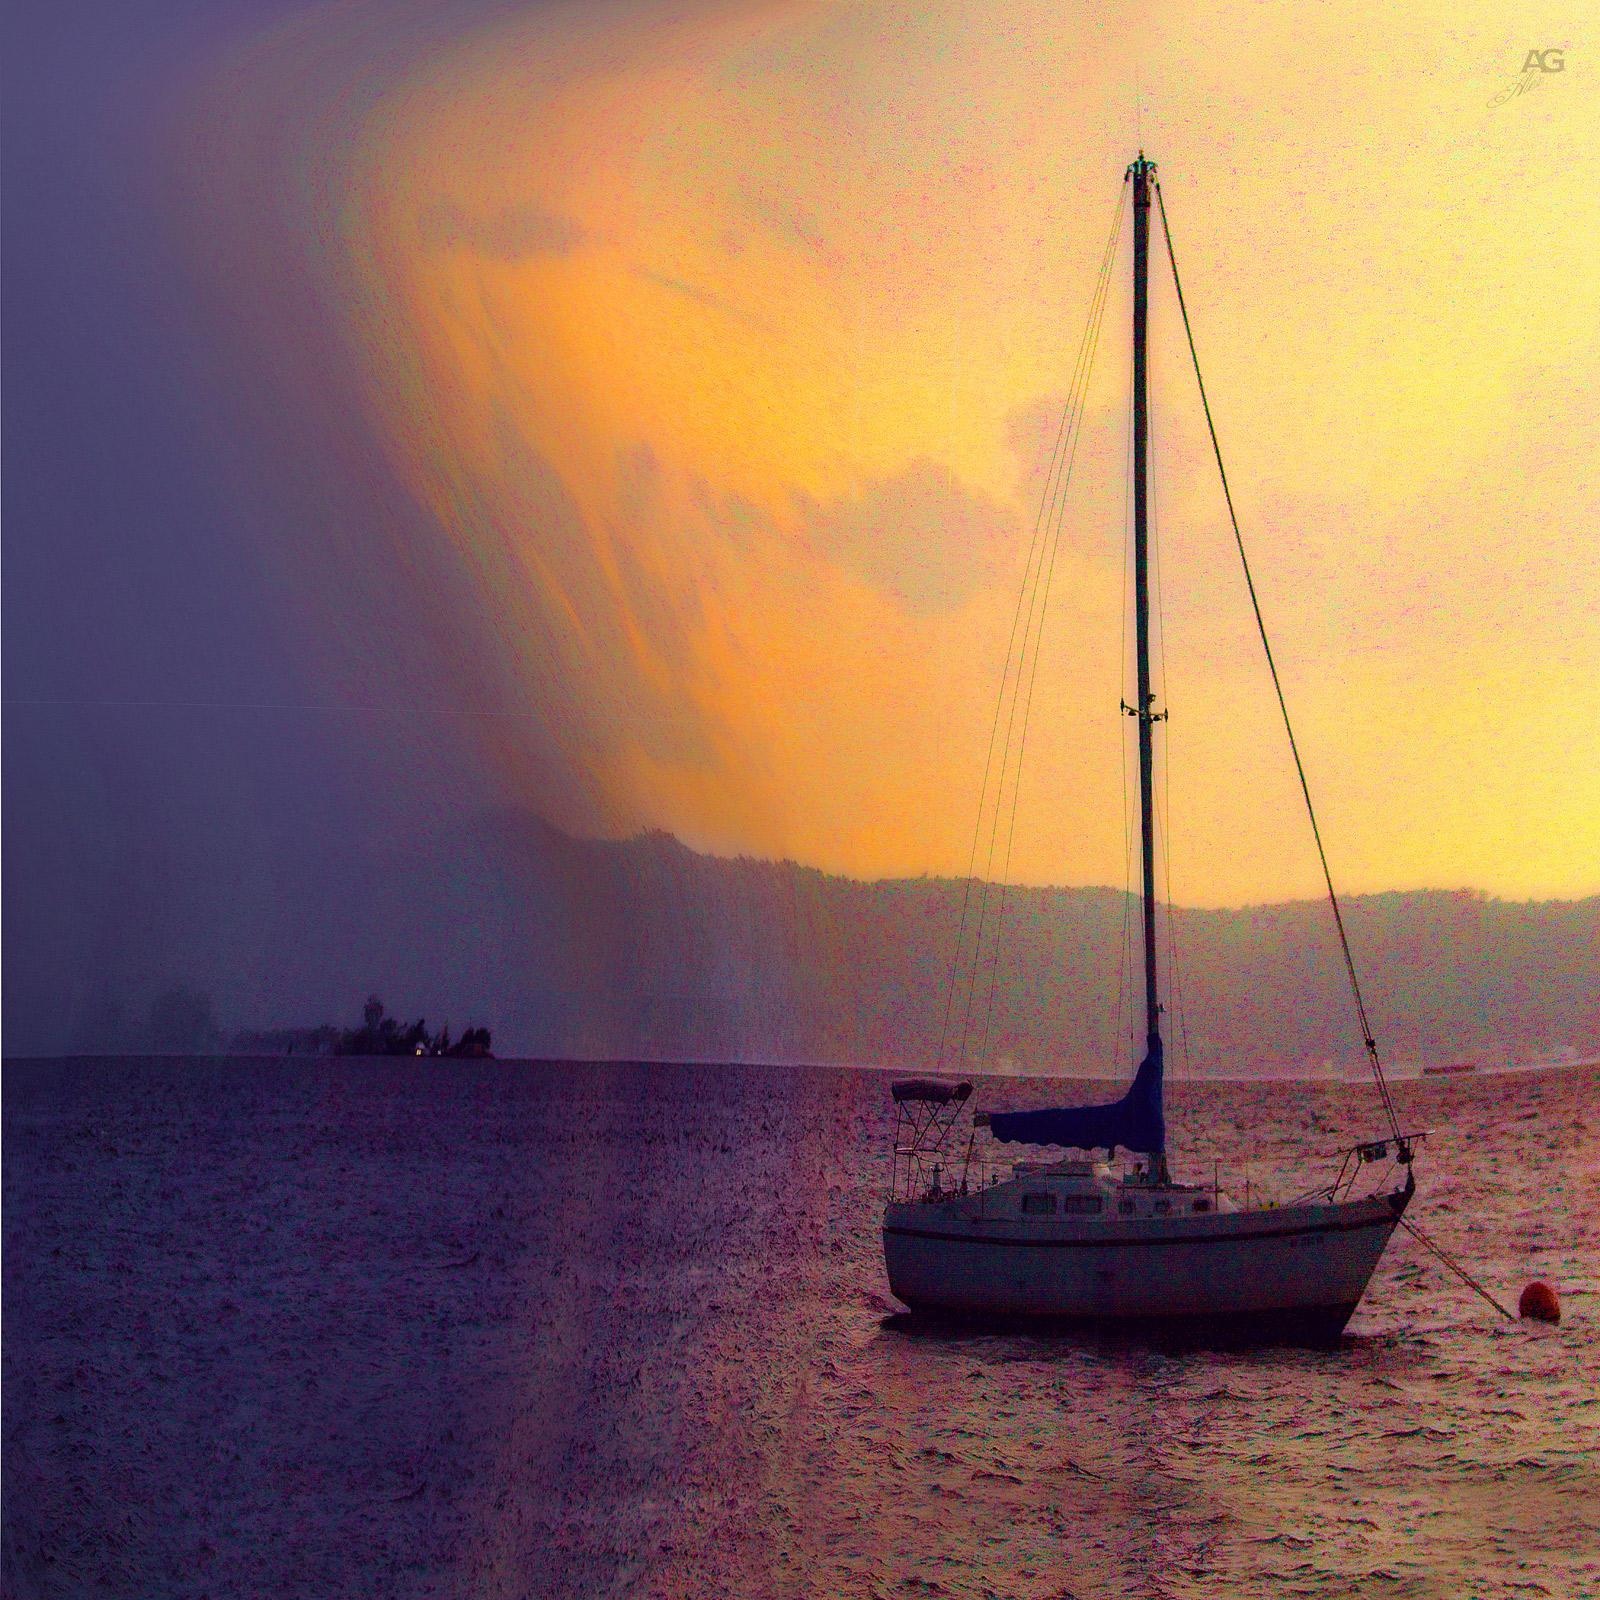 Irvingtown_YachtAndFogOnHudson_warped